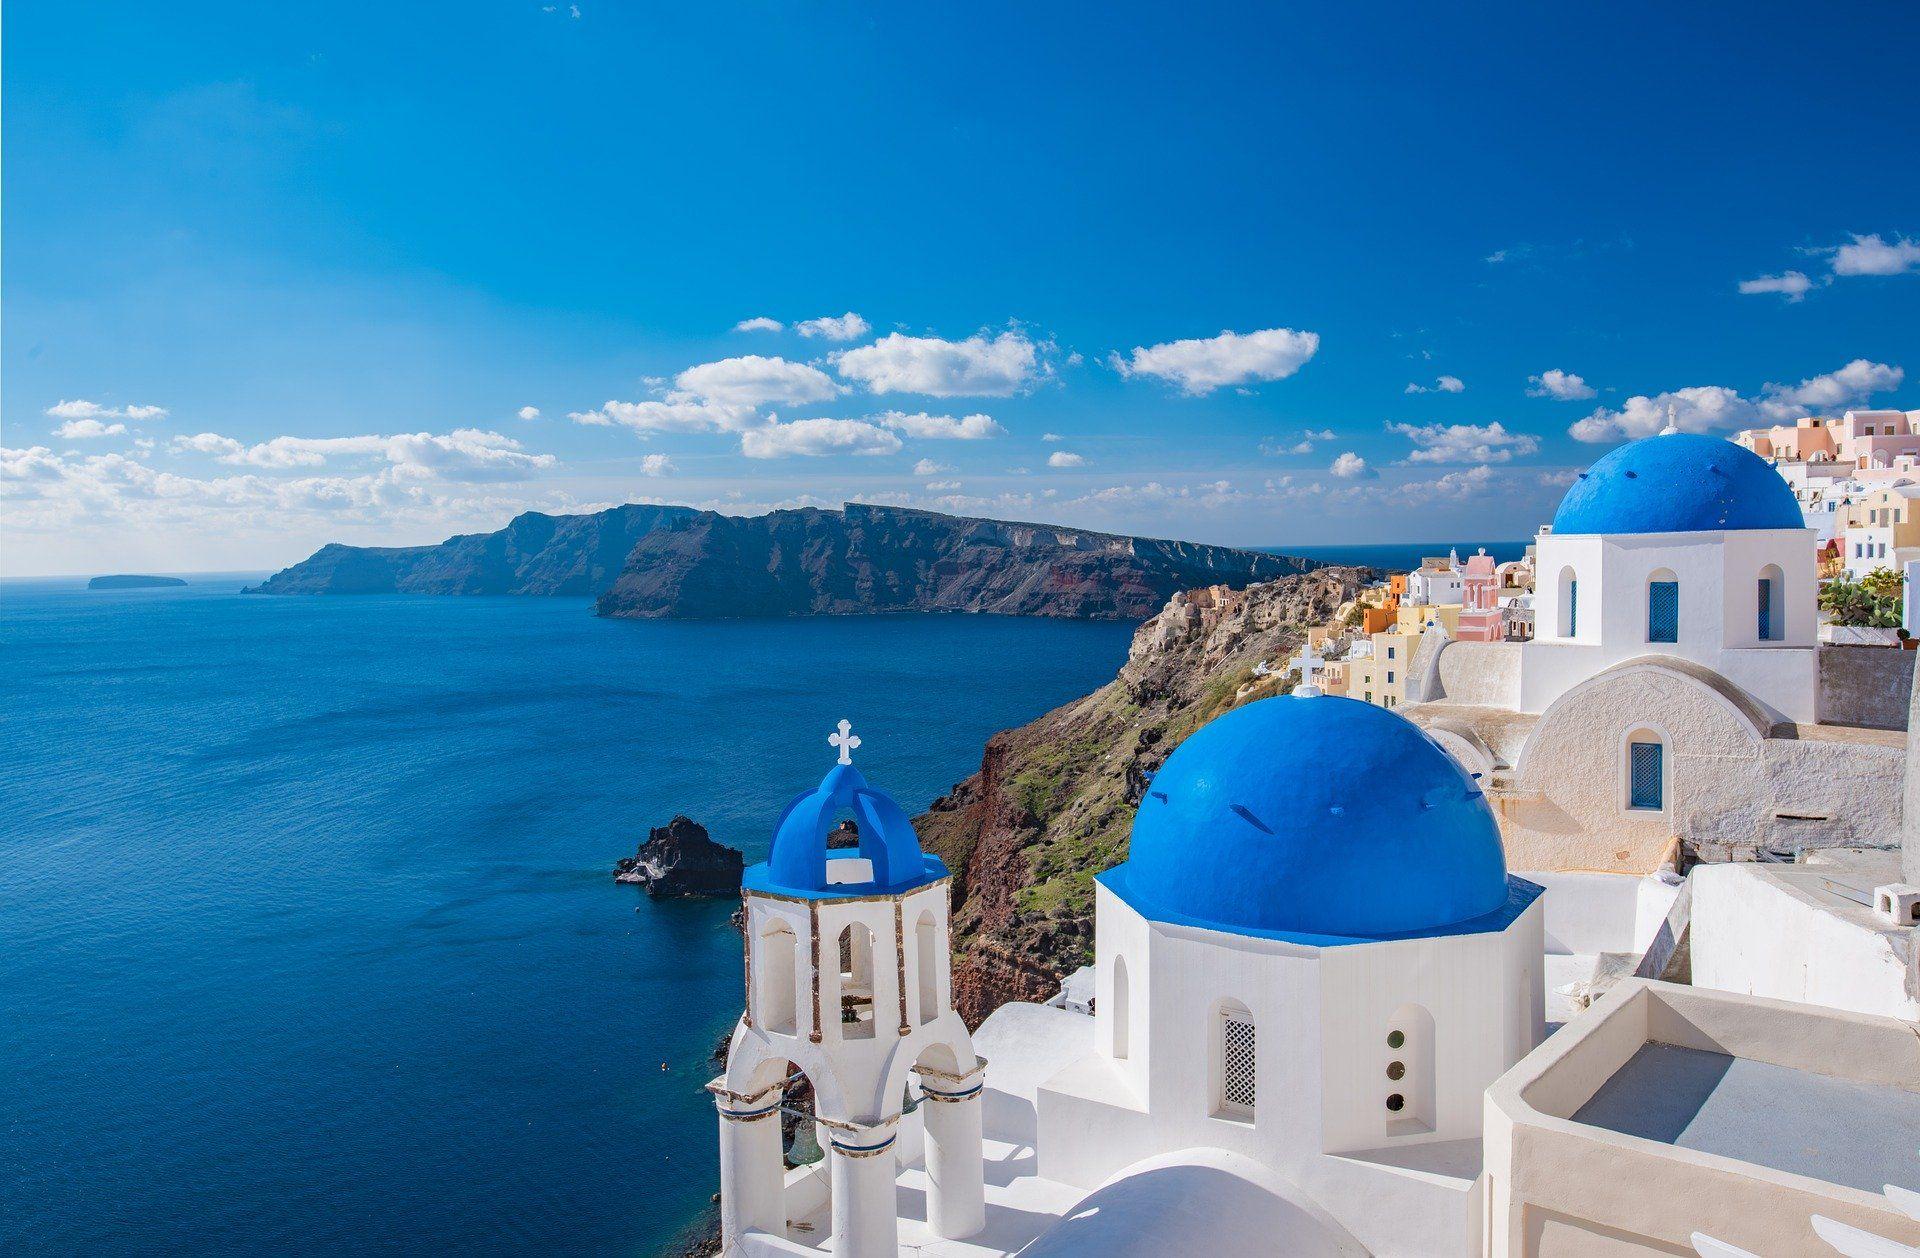 vue sur la mer Égée et les dômes bleus de la ville d'Emporio sur l'île de Santorin en Grèce